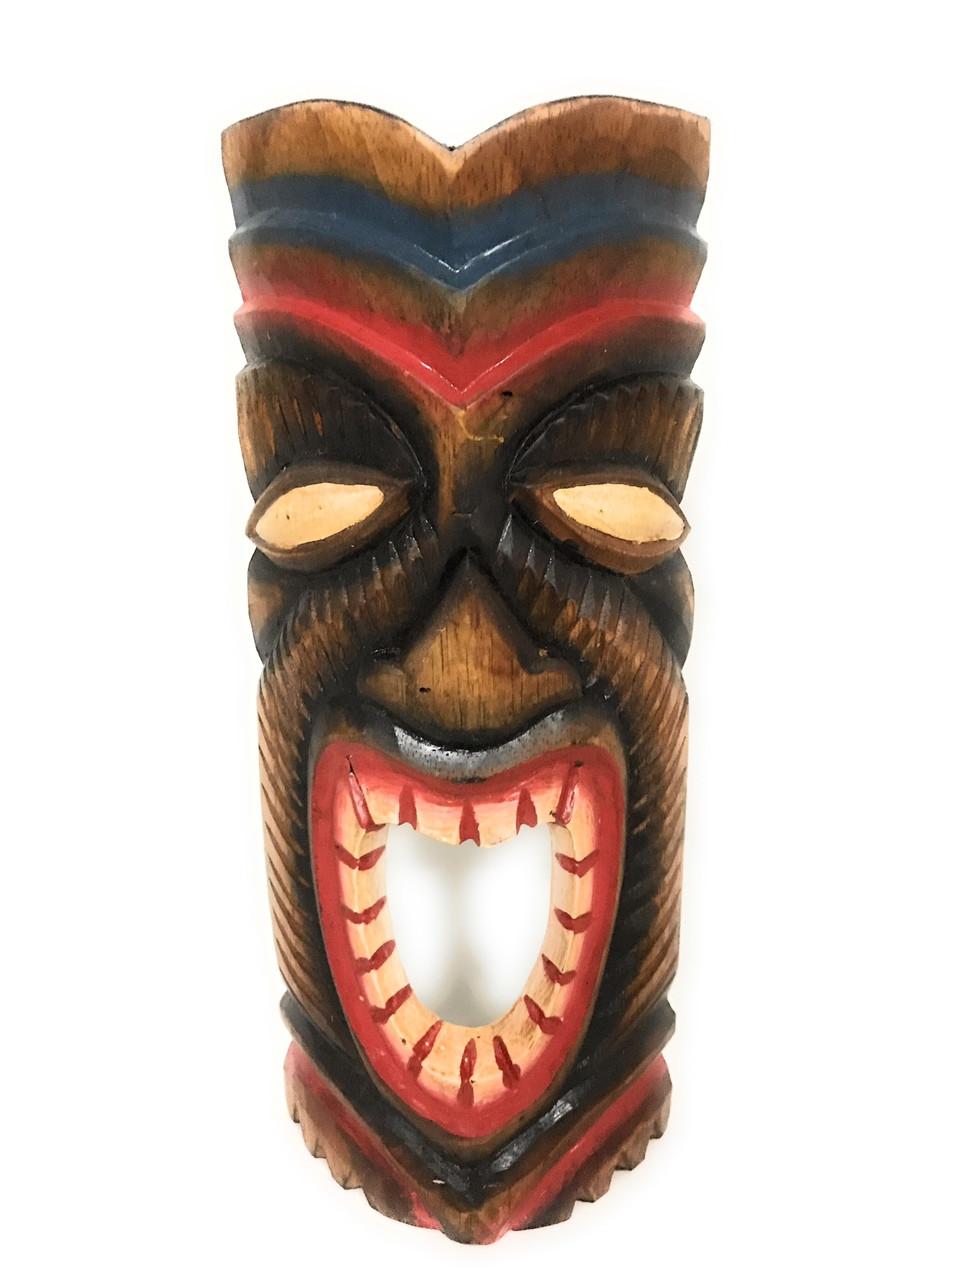 Laughing Tiki Mask 12 Quot Happy Tiki Idol Dpt513230